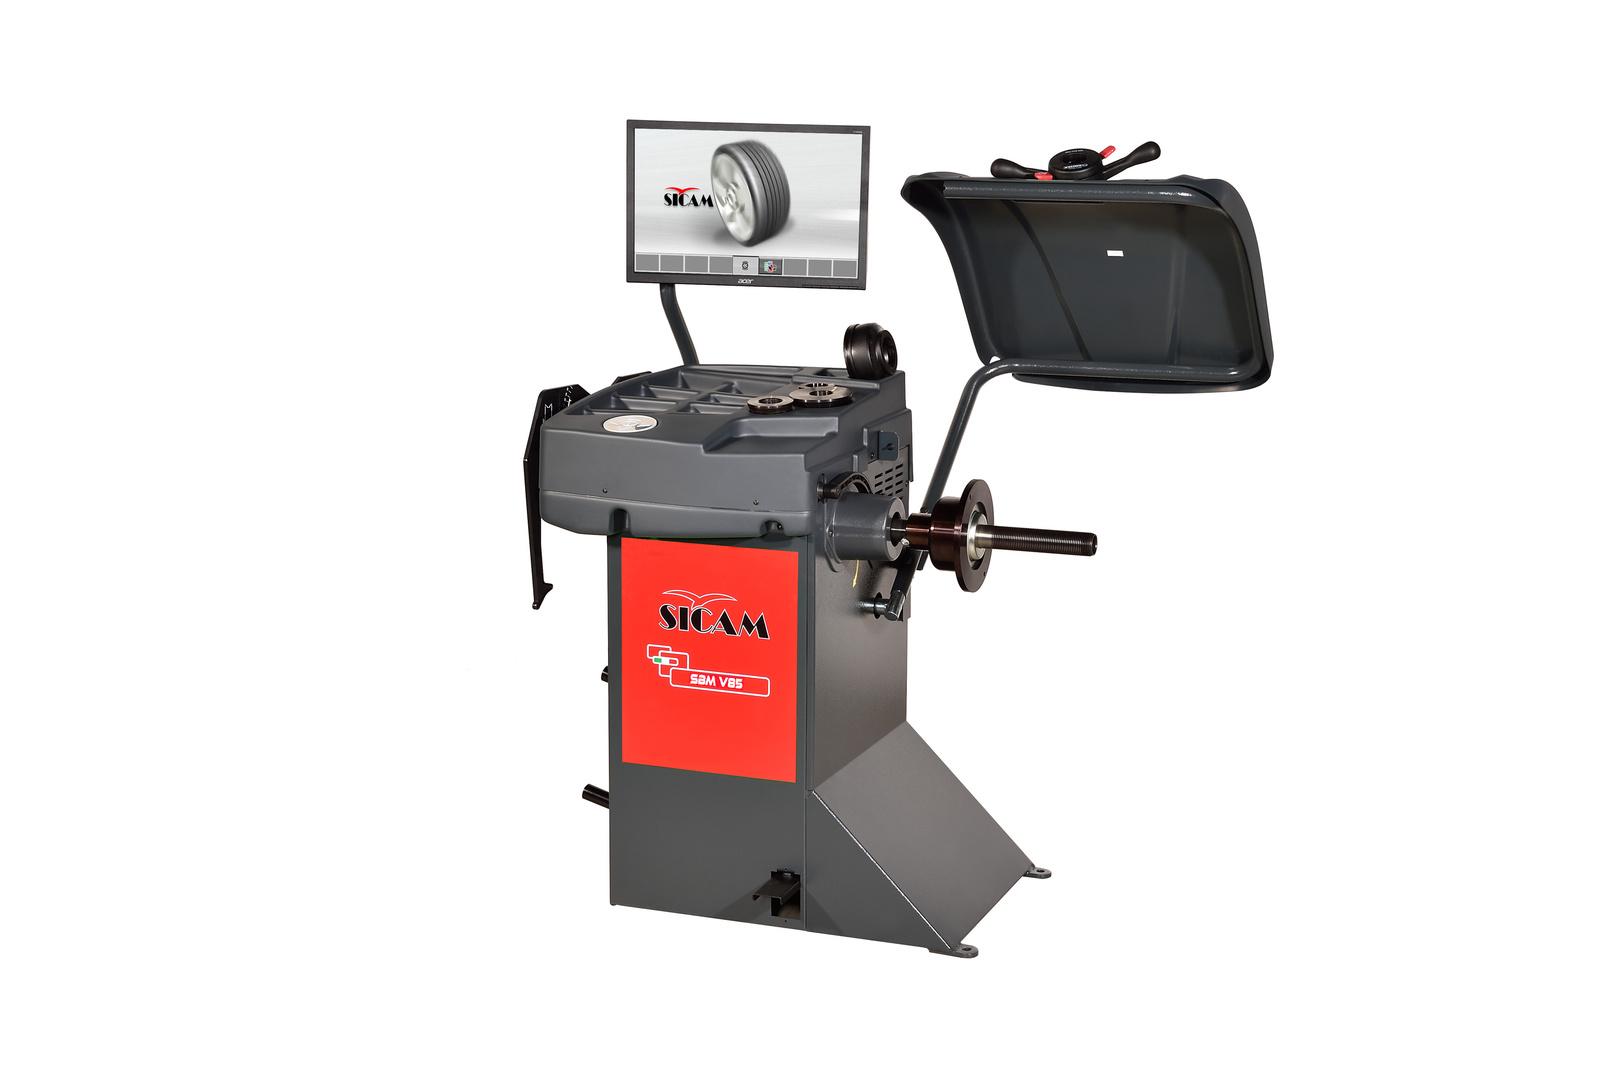 Sicam präsentiert neue ergonomische Reifenmontiergeräte für wirtschaftlichen Service